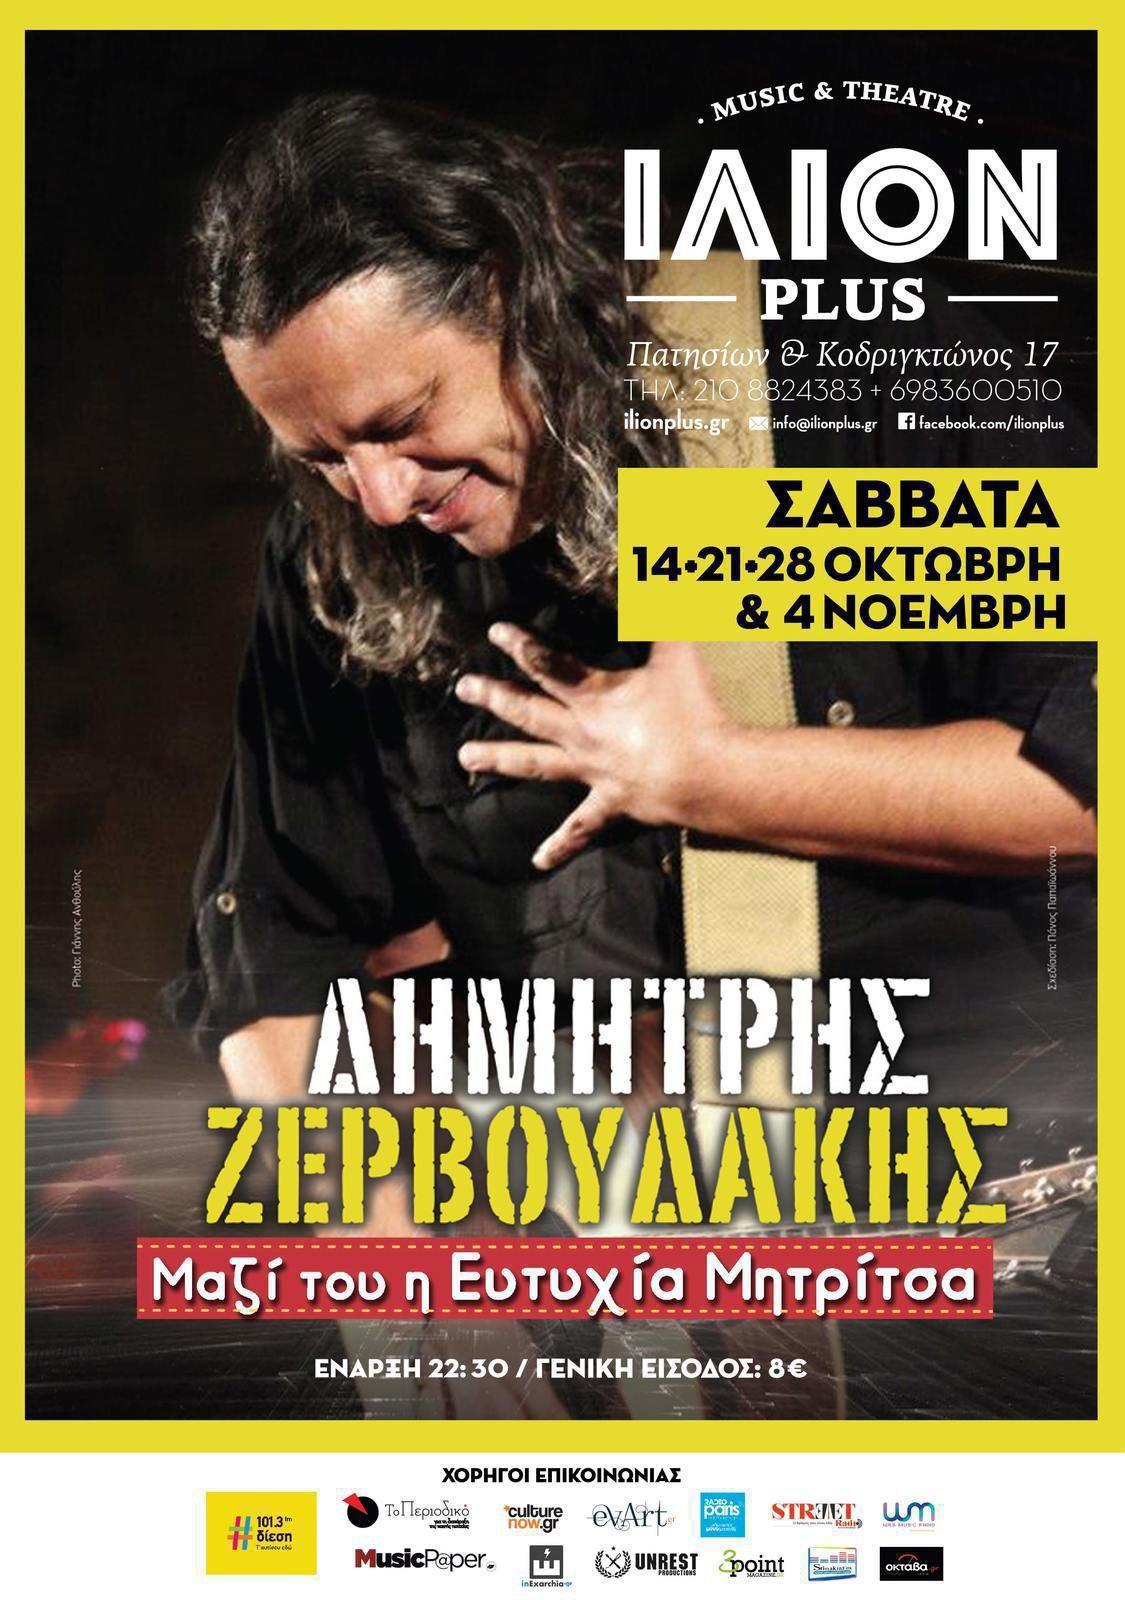 Zervoudakis-WEB.jpg